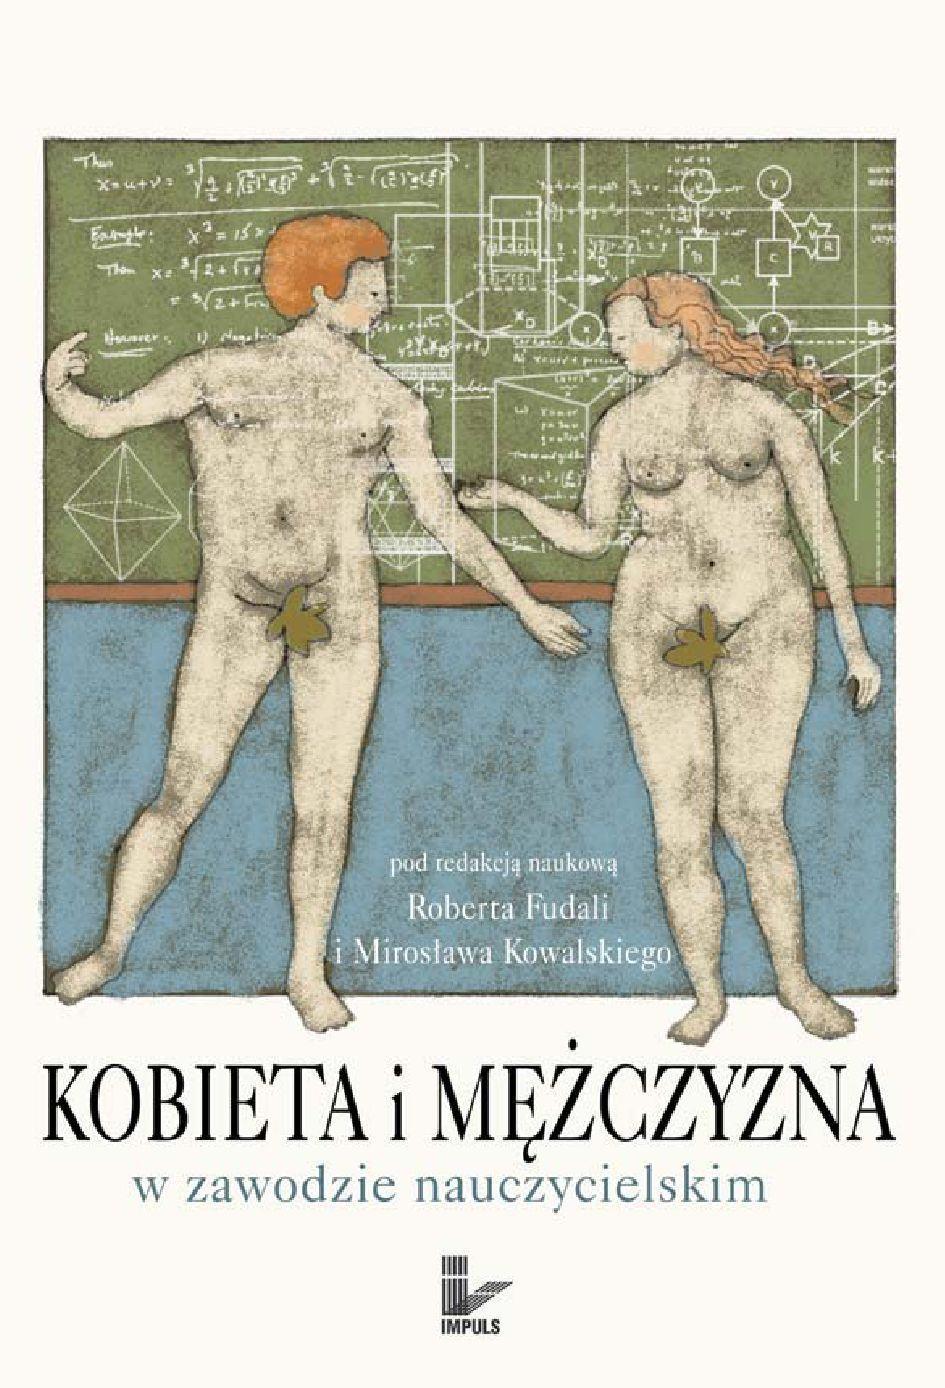 Kobieta i mężczyzna w zawodzie nauczycielskim - Ebook (Książka na Kindle) do pobrania w formacie MOBI